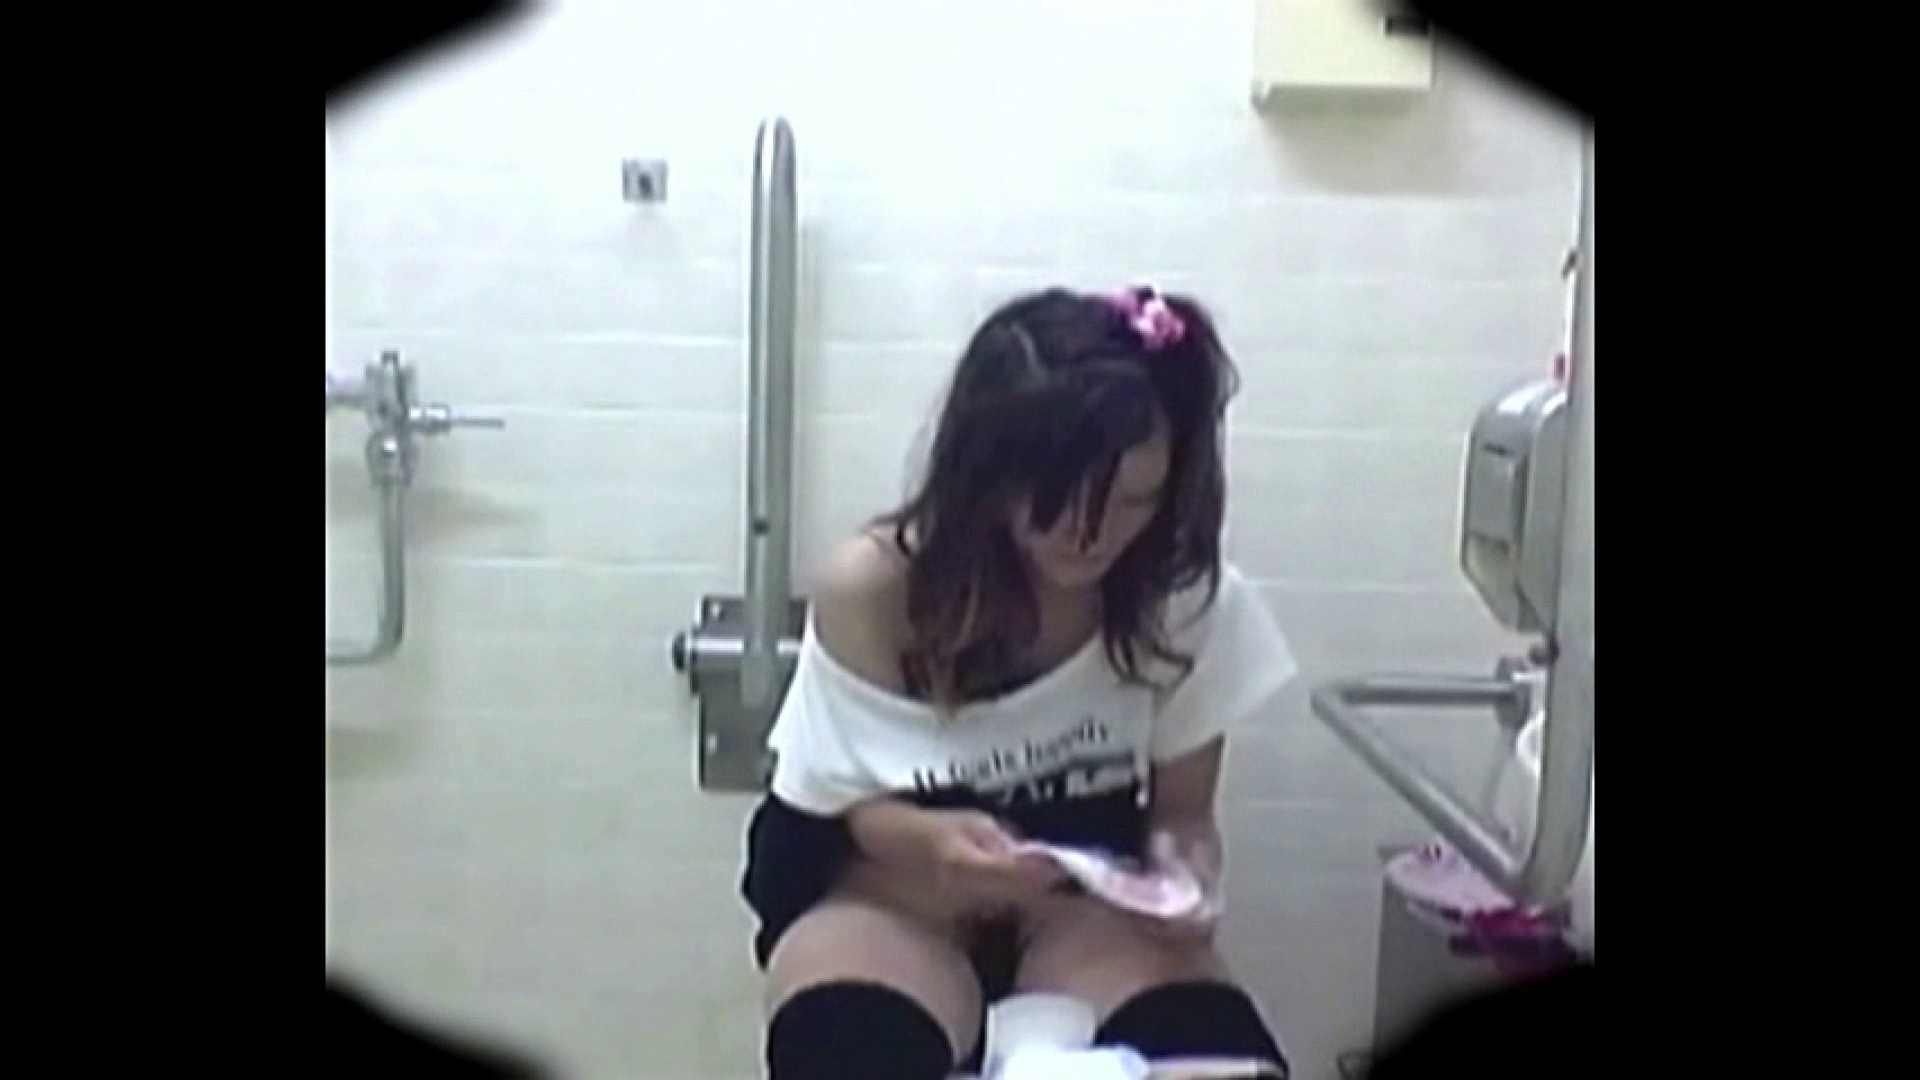 teen galトイレ覗き紙がナイ編‼vol.03 覗き エロ画像 83pic 59